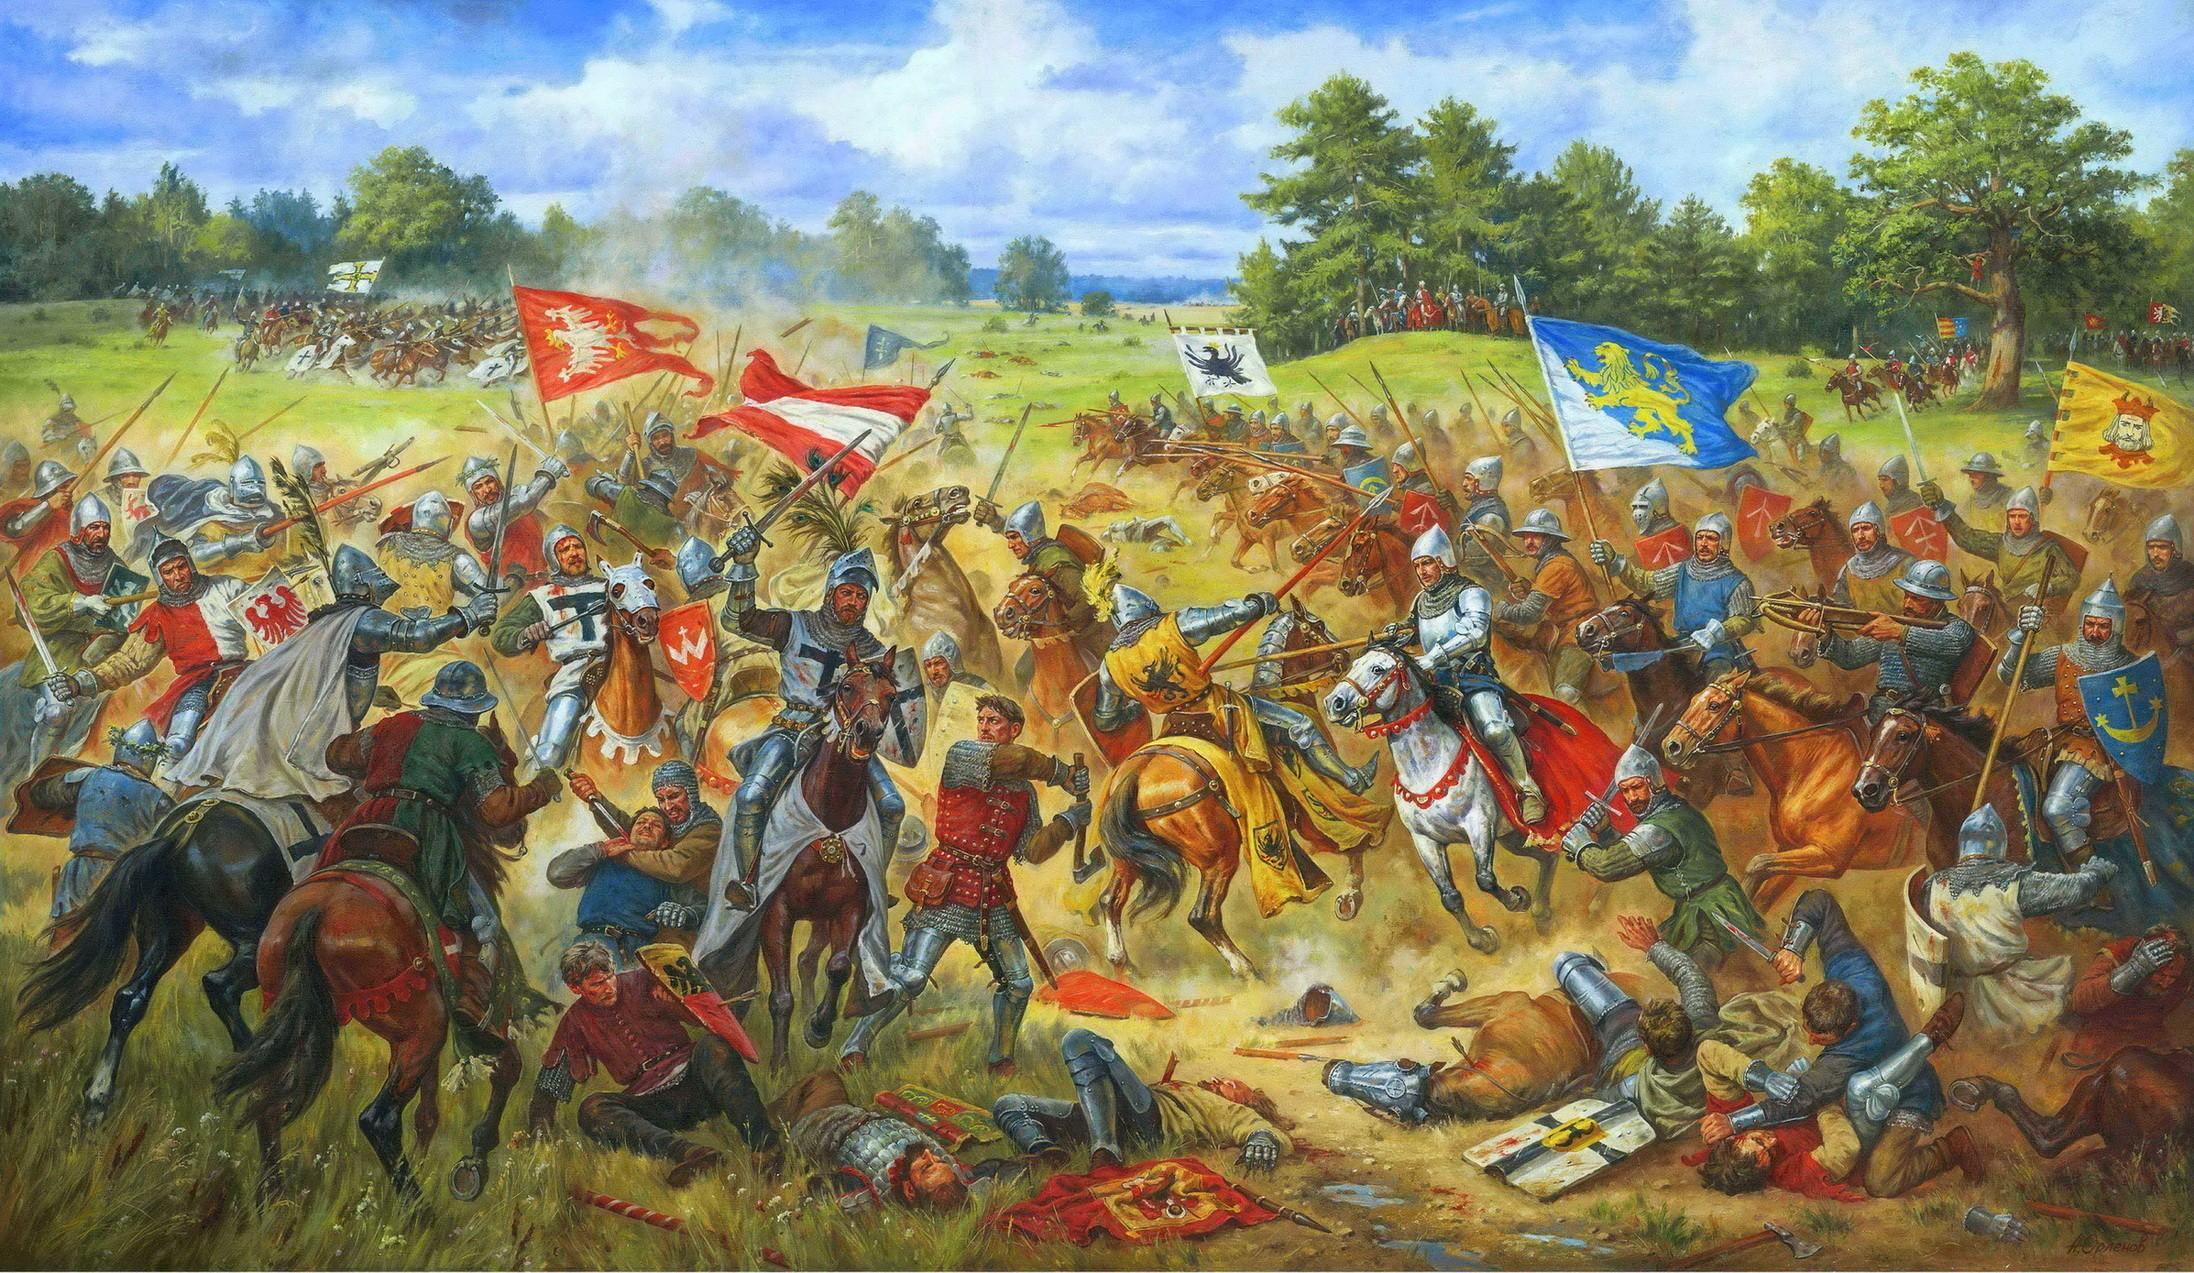 Bataille de Grunwald